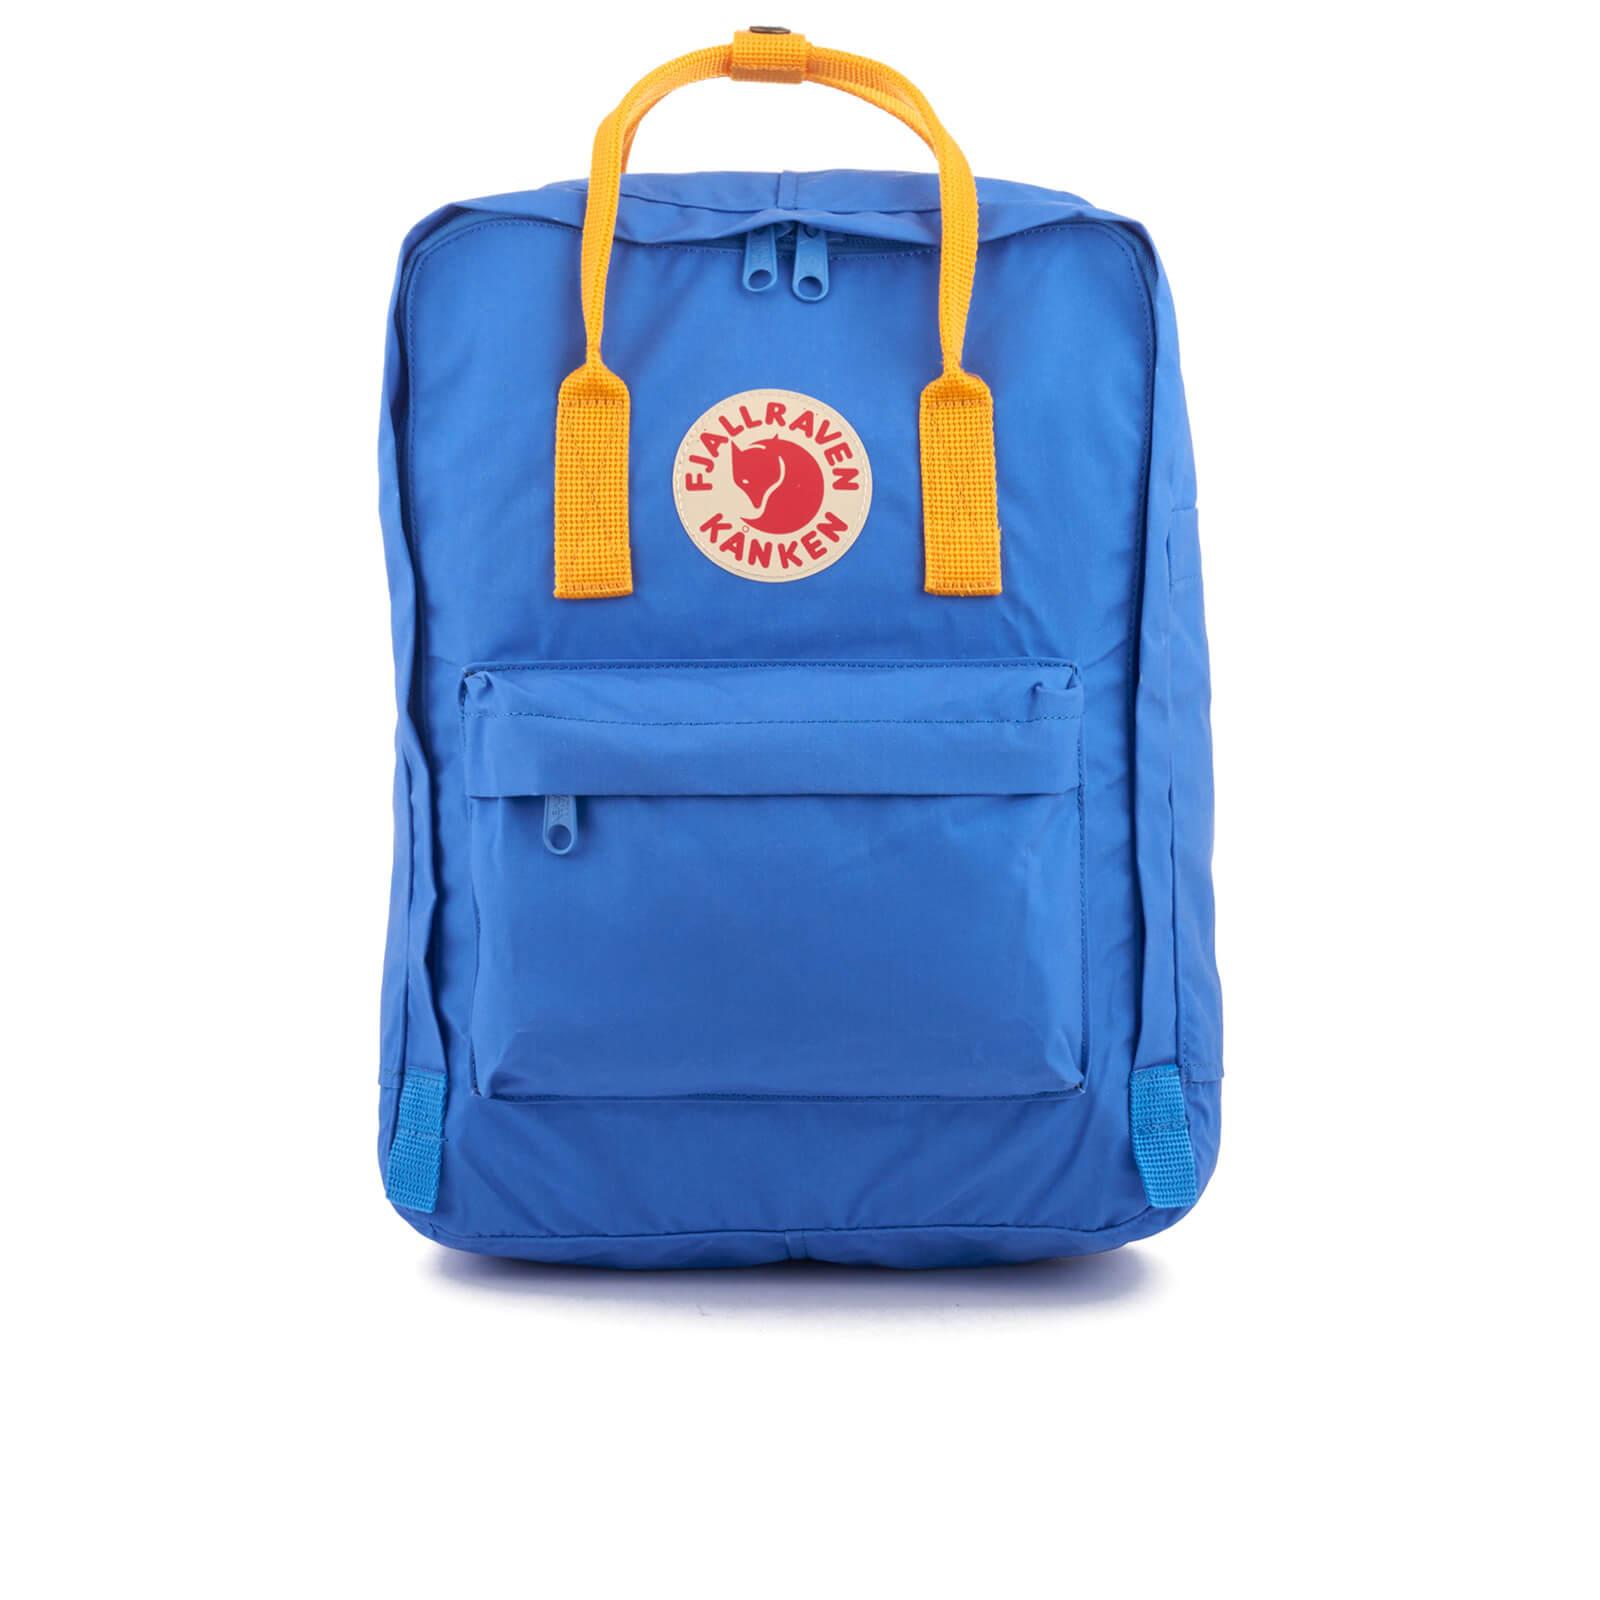 enorme verkoop een grote verscheidenheid aan modellen verenigd koninkrijk Fjallraven Kanken Backpack - UN Blue/Warm Yellow